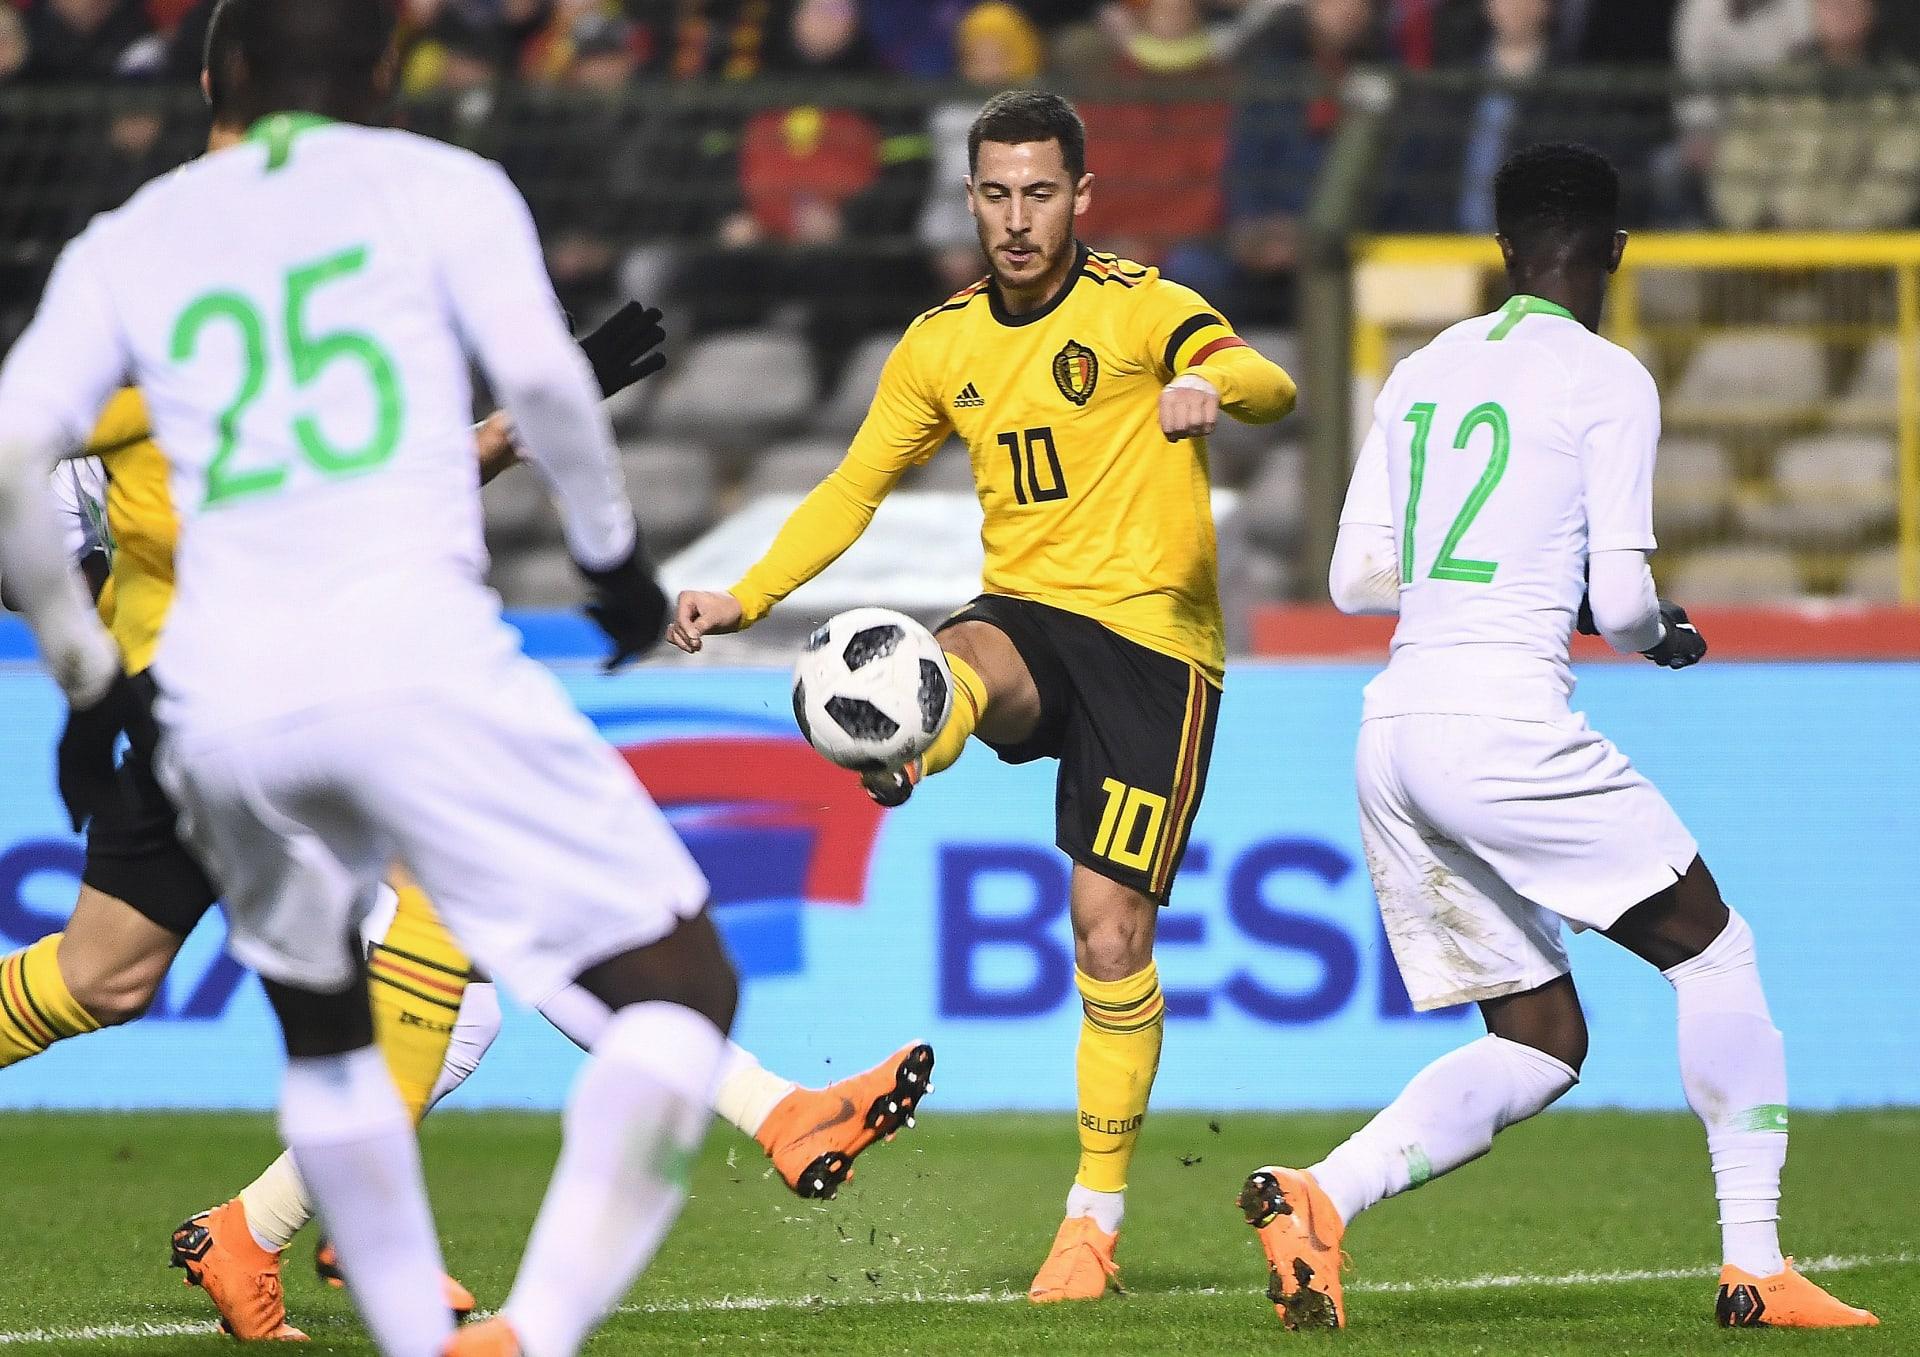 السعودية تتلقى خسارة موجعة أمام بلجيكا استعدادا لكأس العالم